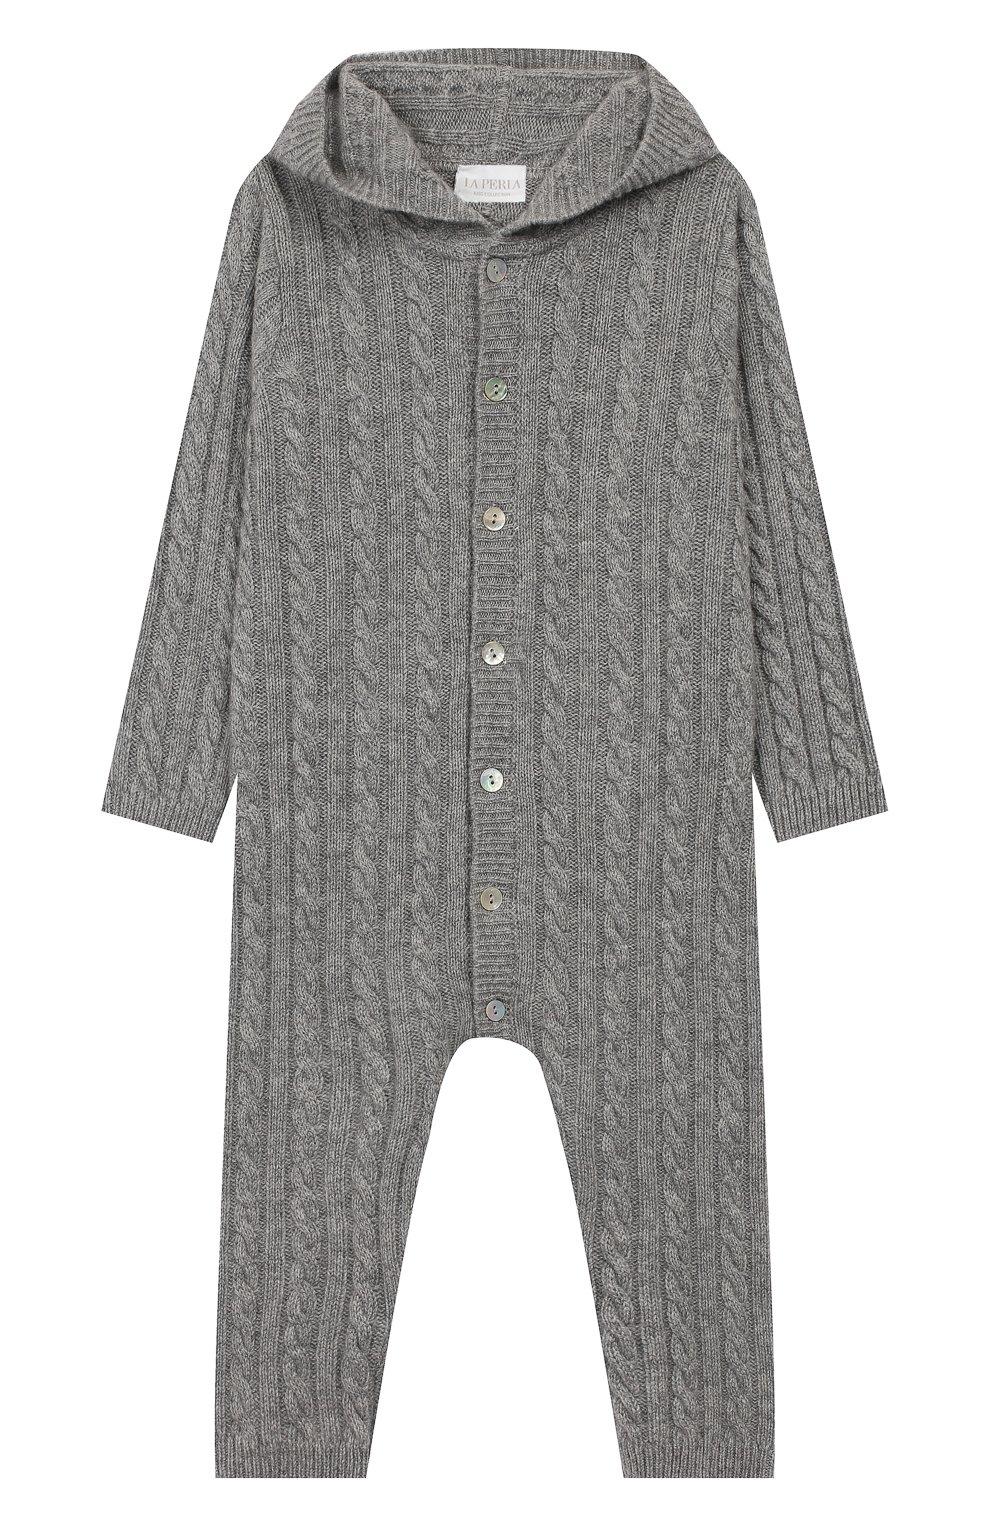 Детский кашемировый комбинезон с капюшоном LA PERLA серого цвета, арт. 59975/18M-24M | Фото 1